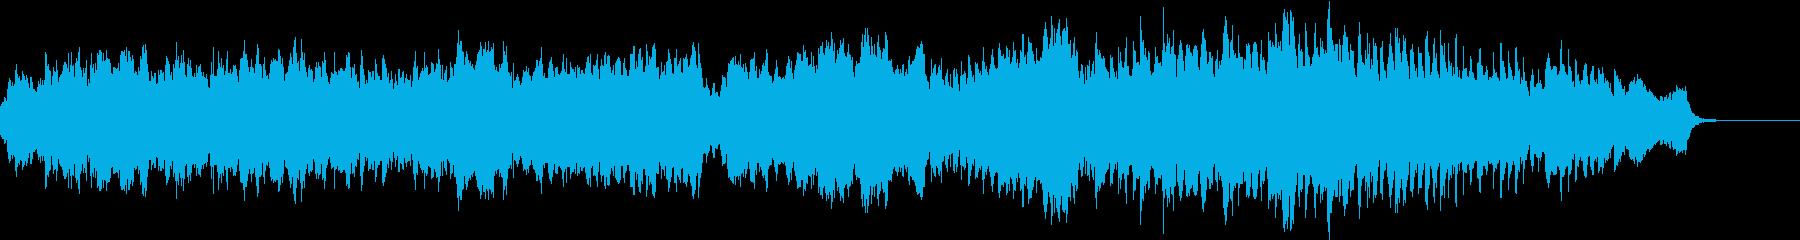 のろまなBGM 動物の謝肉祭 亀 前奏無の再生済みの波形